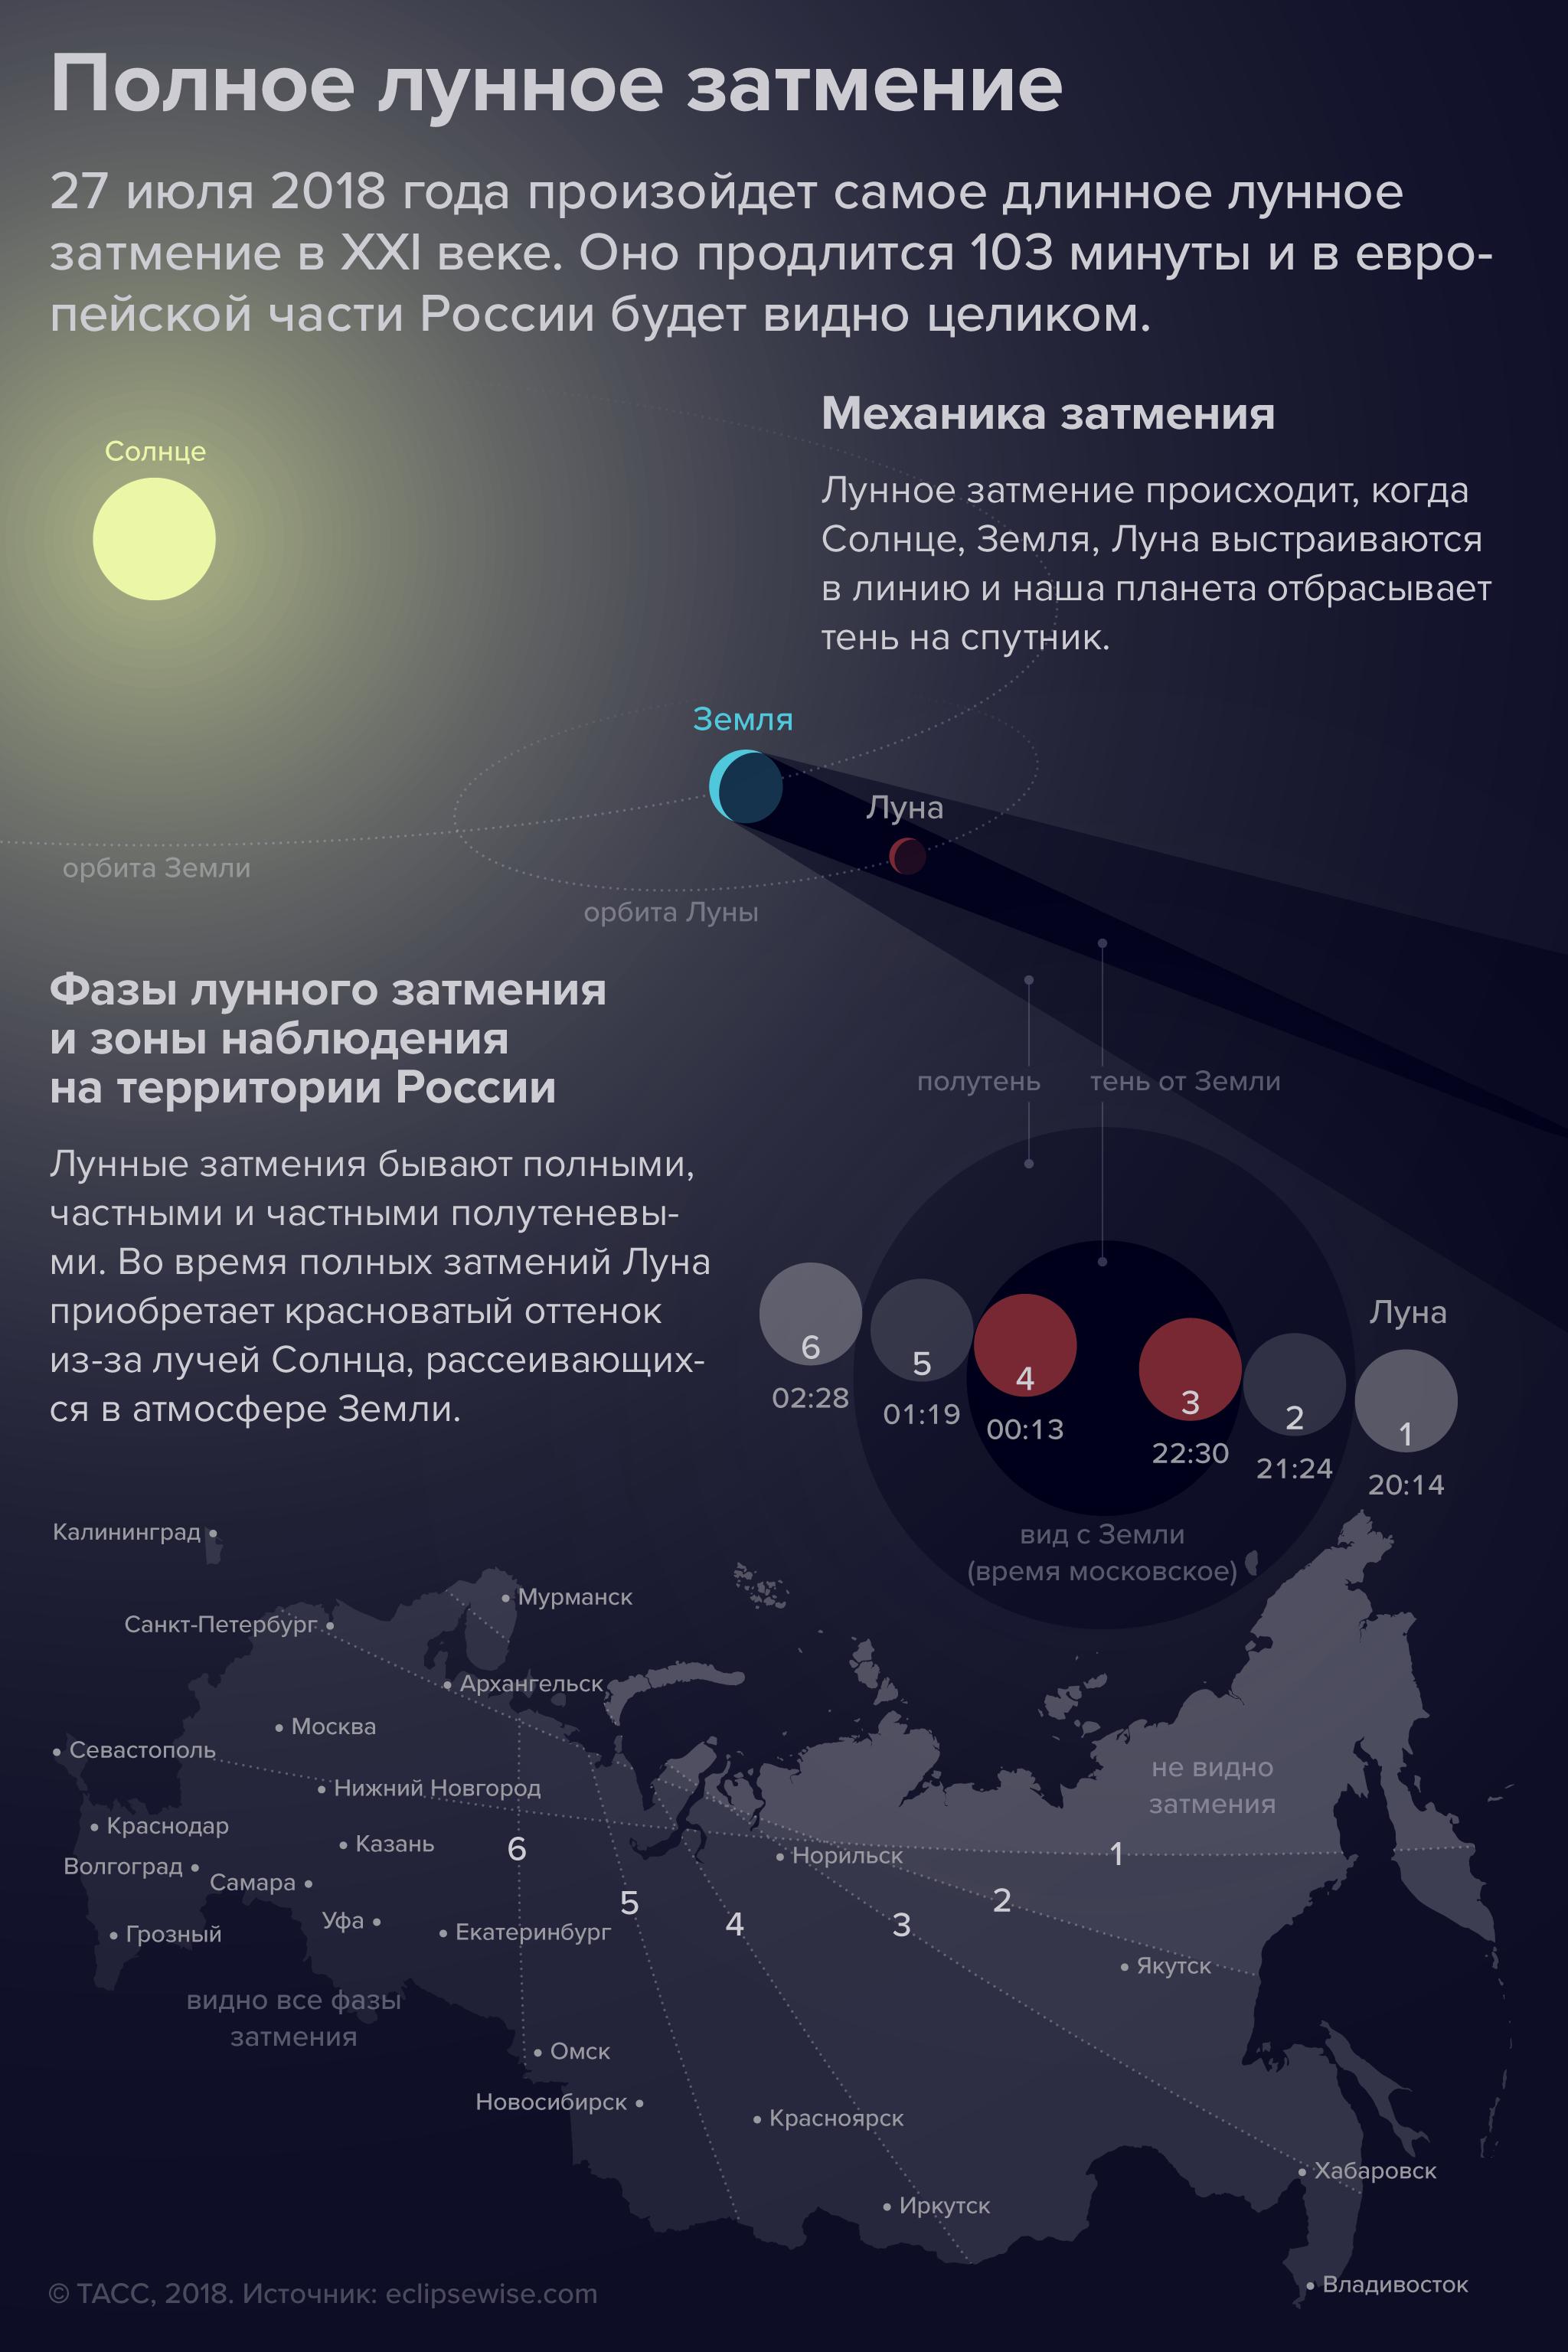 Карта лунного затмения 27 июля 2018 года